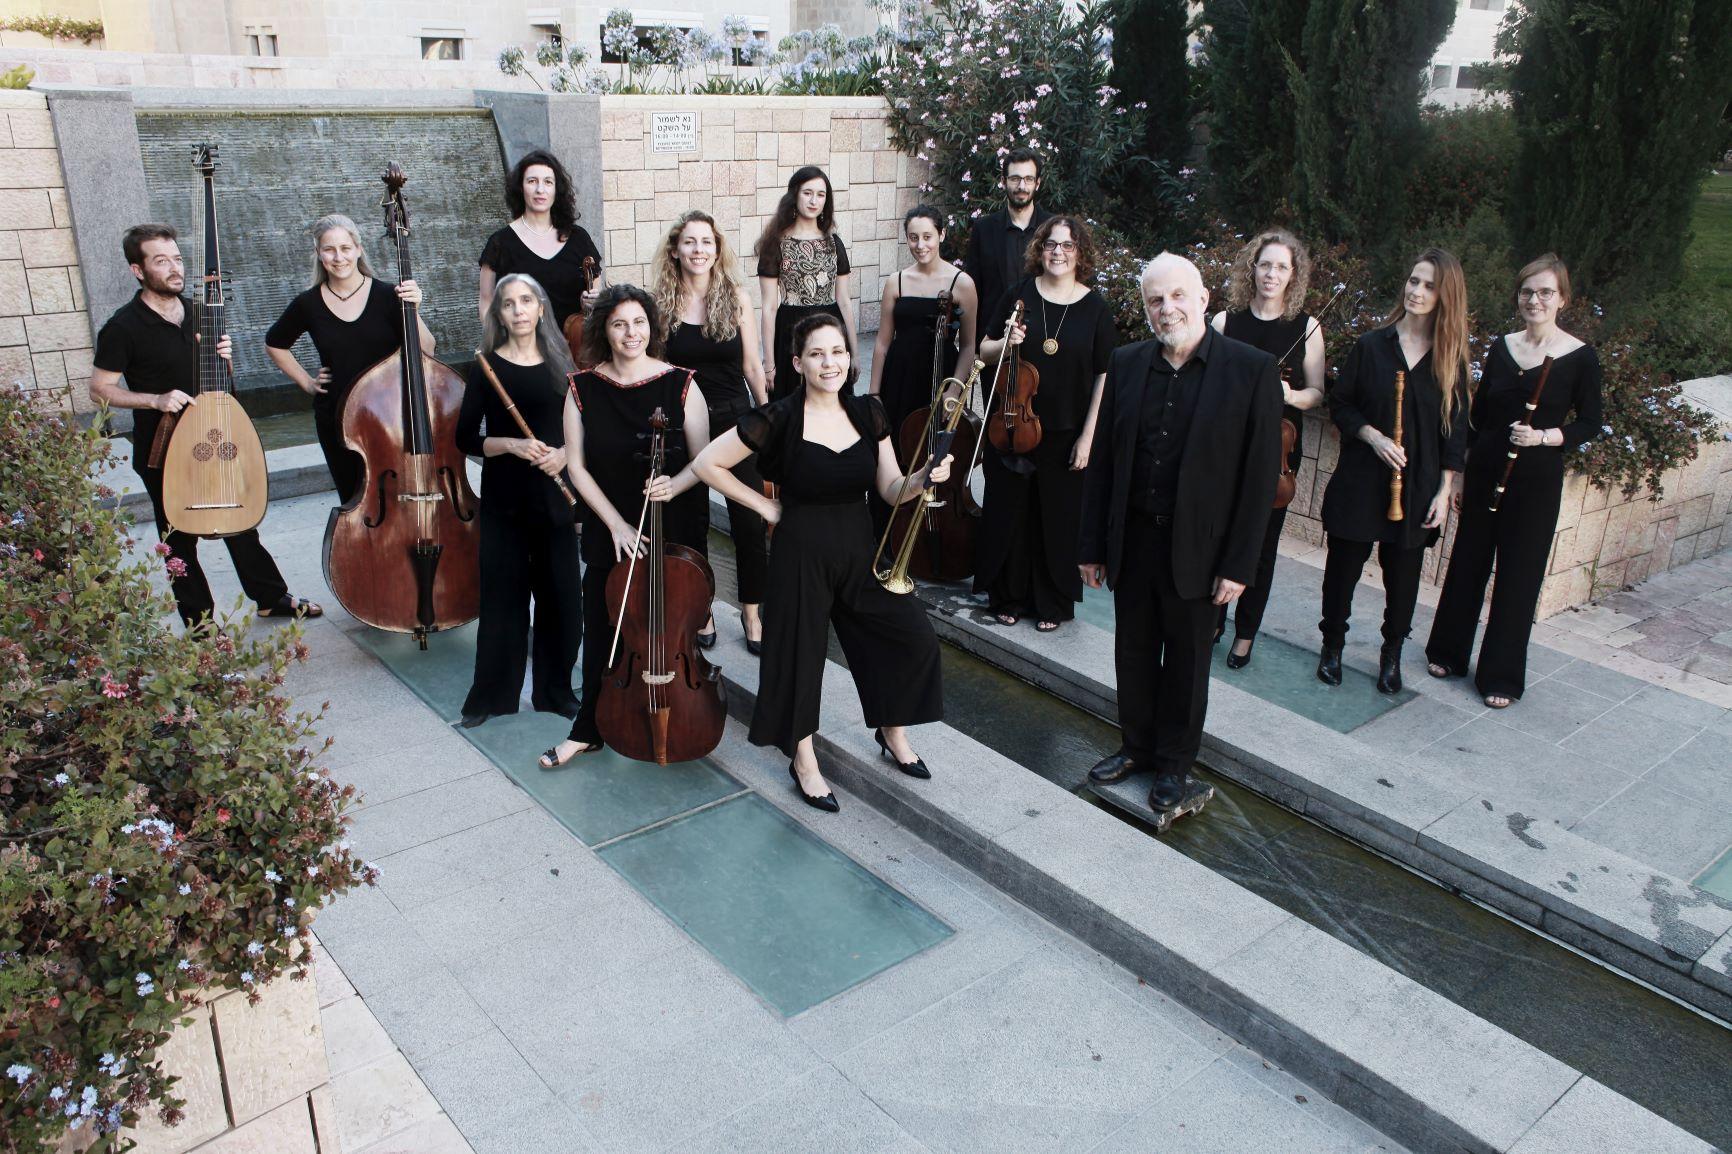 Иерусалимский оркестр барокко. Фото Рустама Бирамова. Предоставлено пресс-службой оркестра